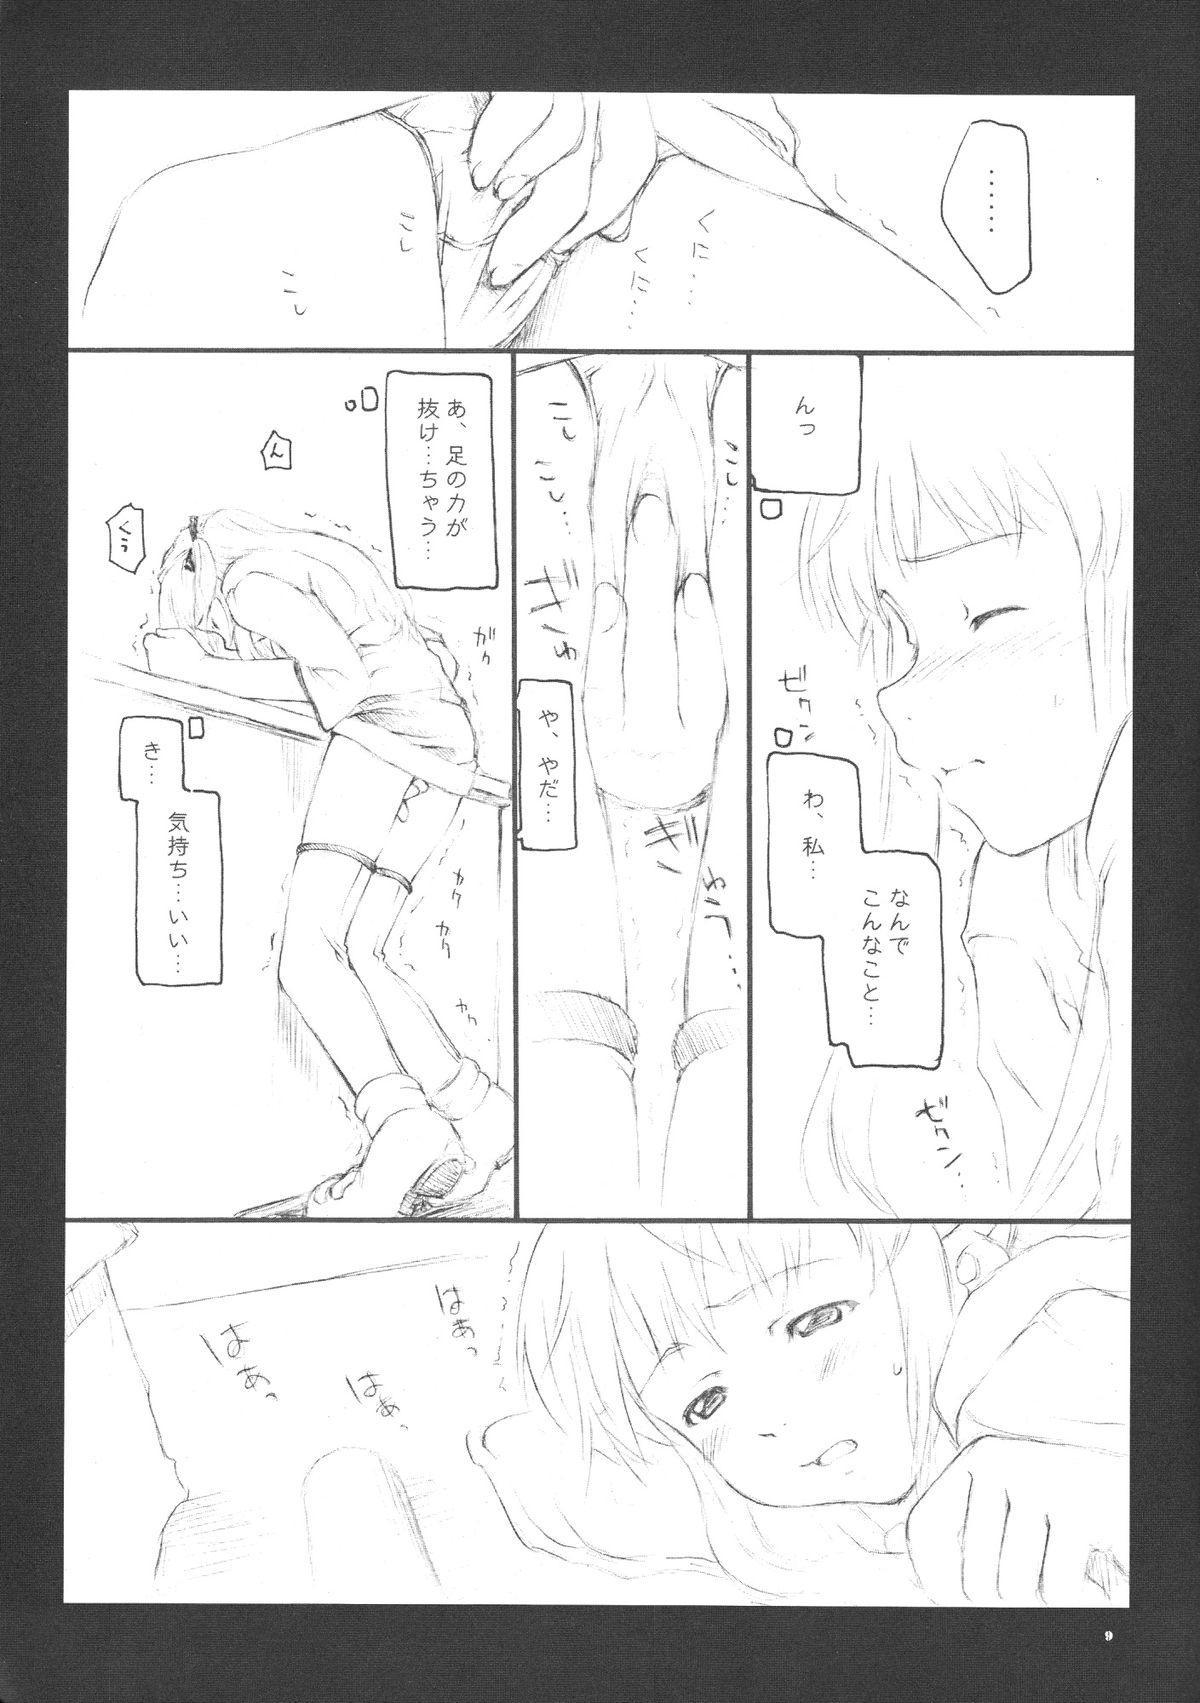 Tsuki no hikari 9